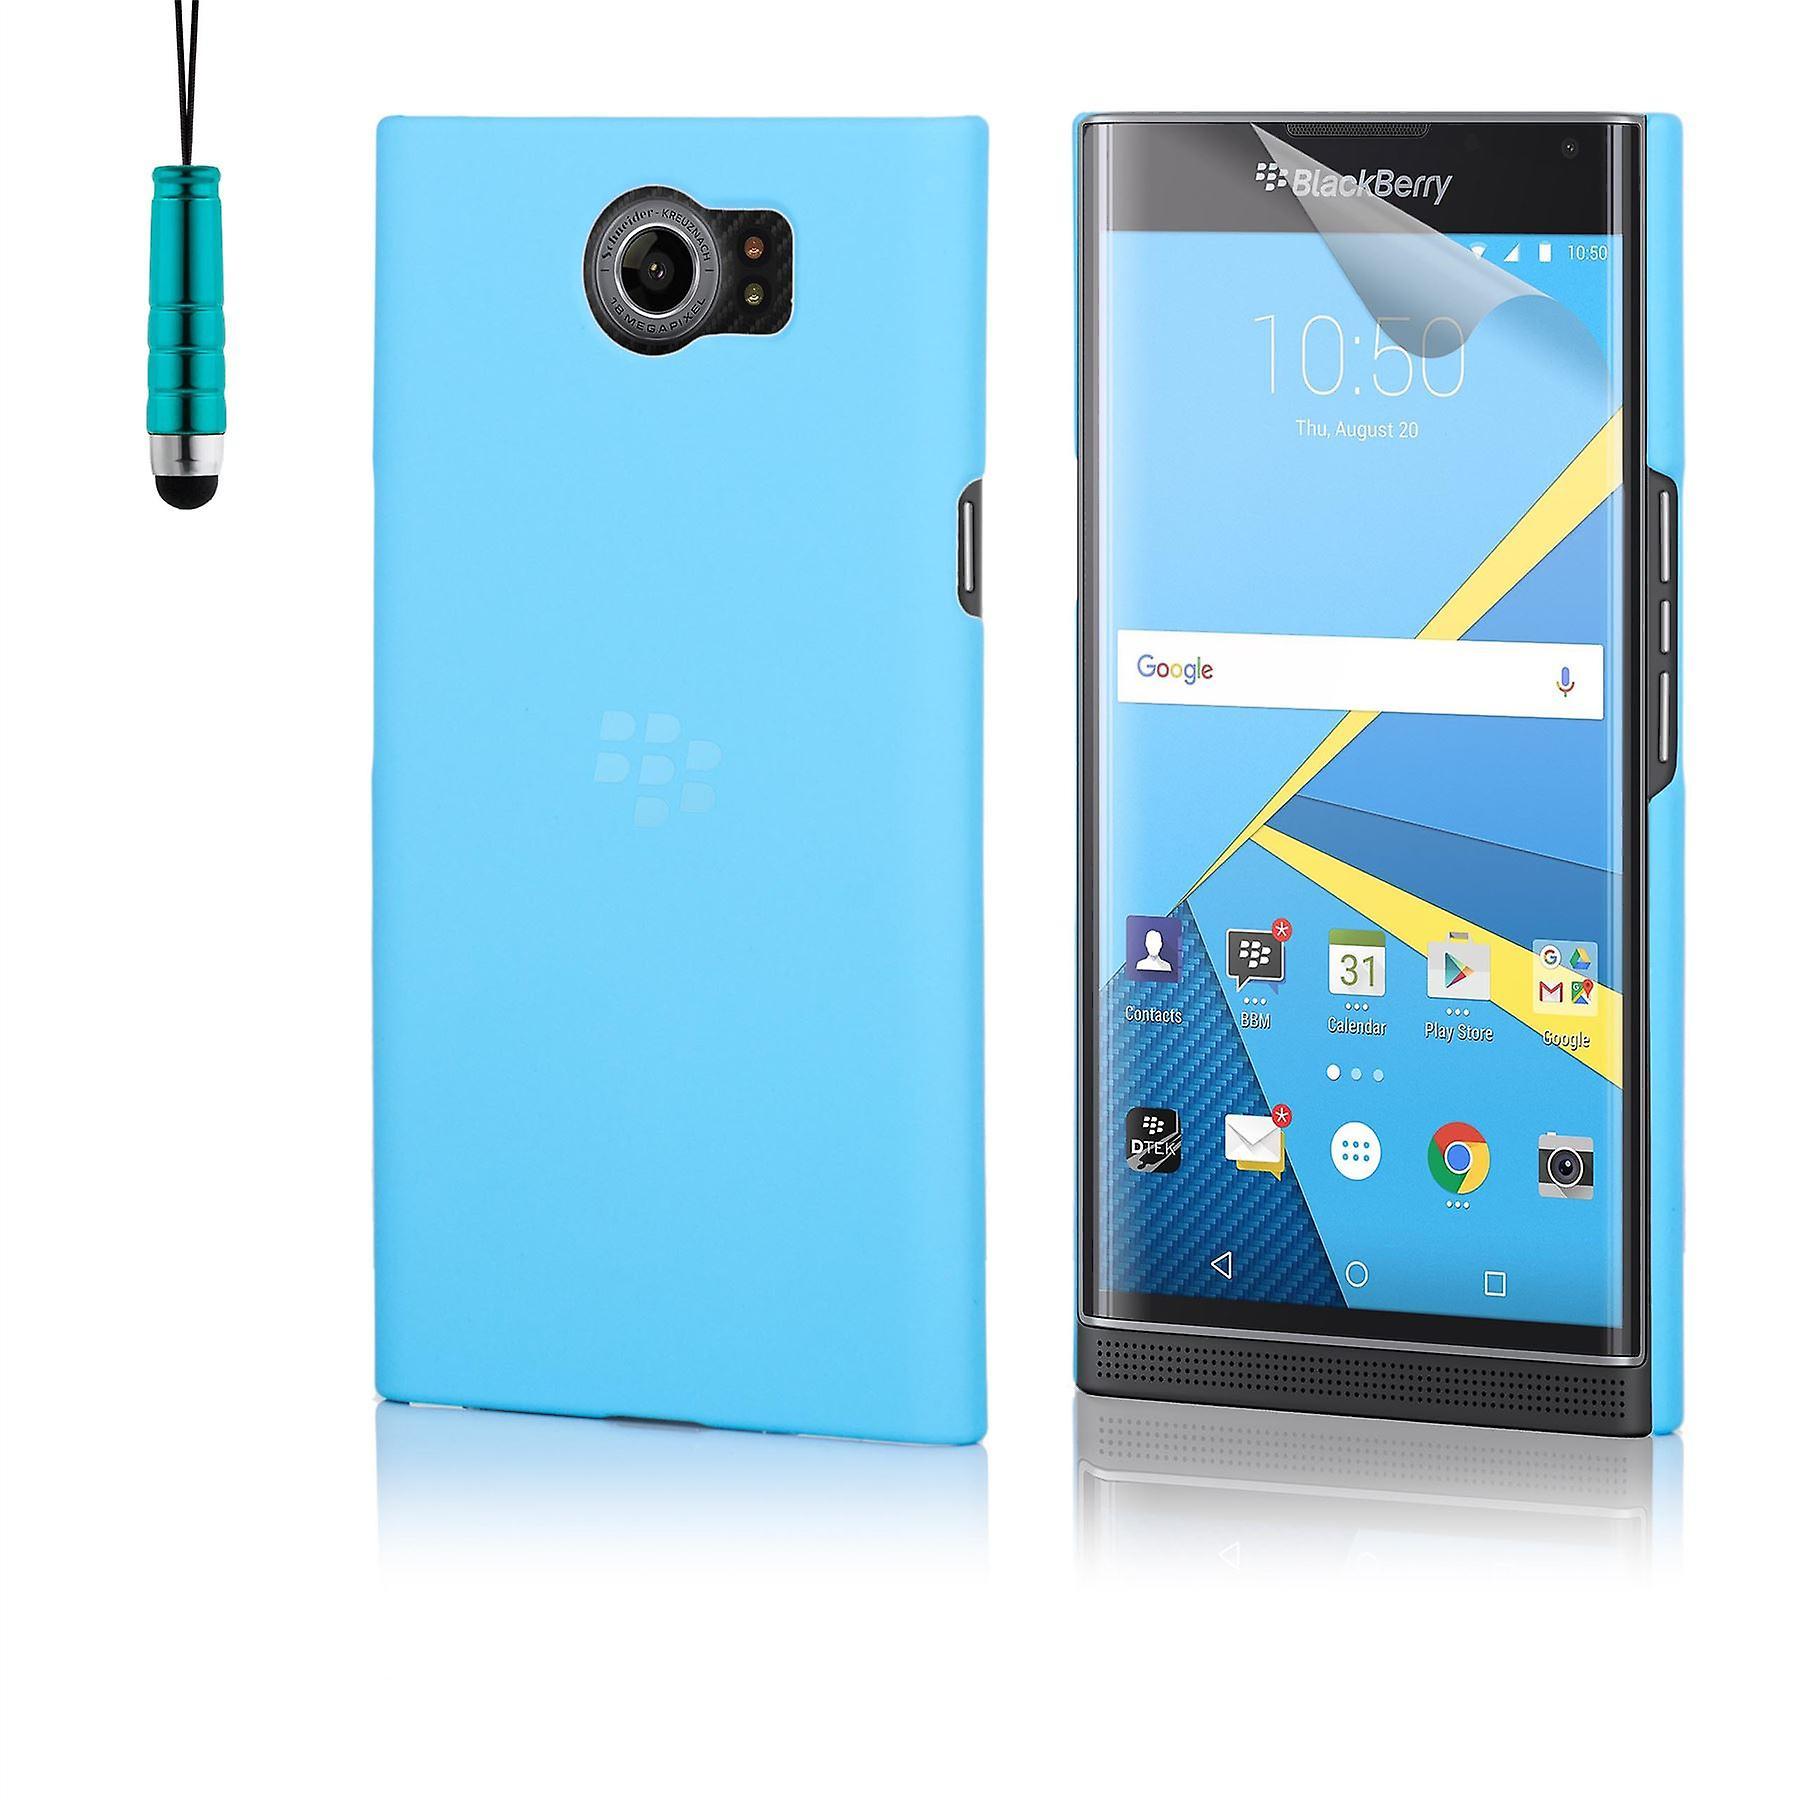 Hard plastic shell case + stylus for BlackBerry Priv - Light Blue